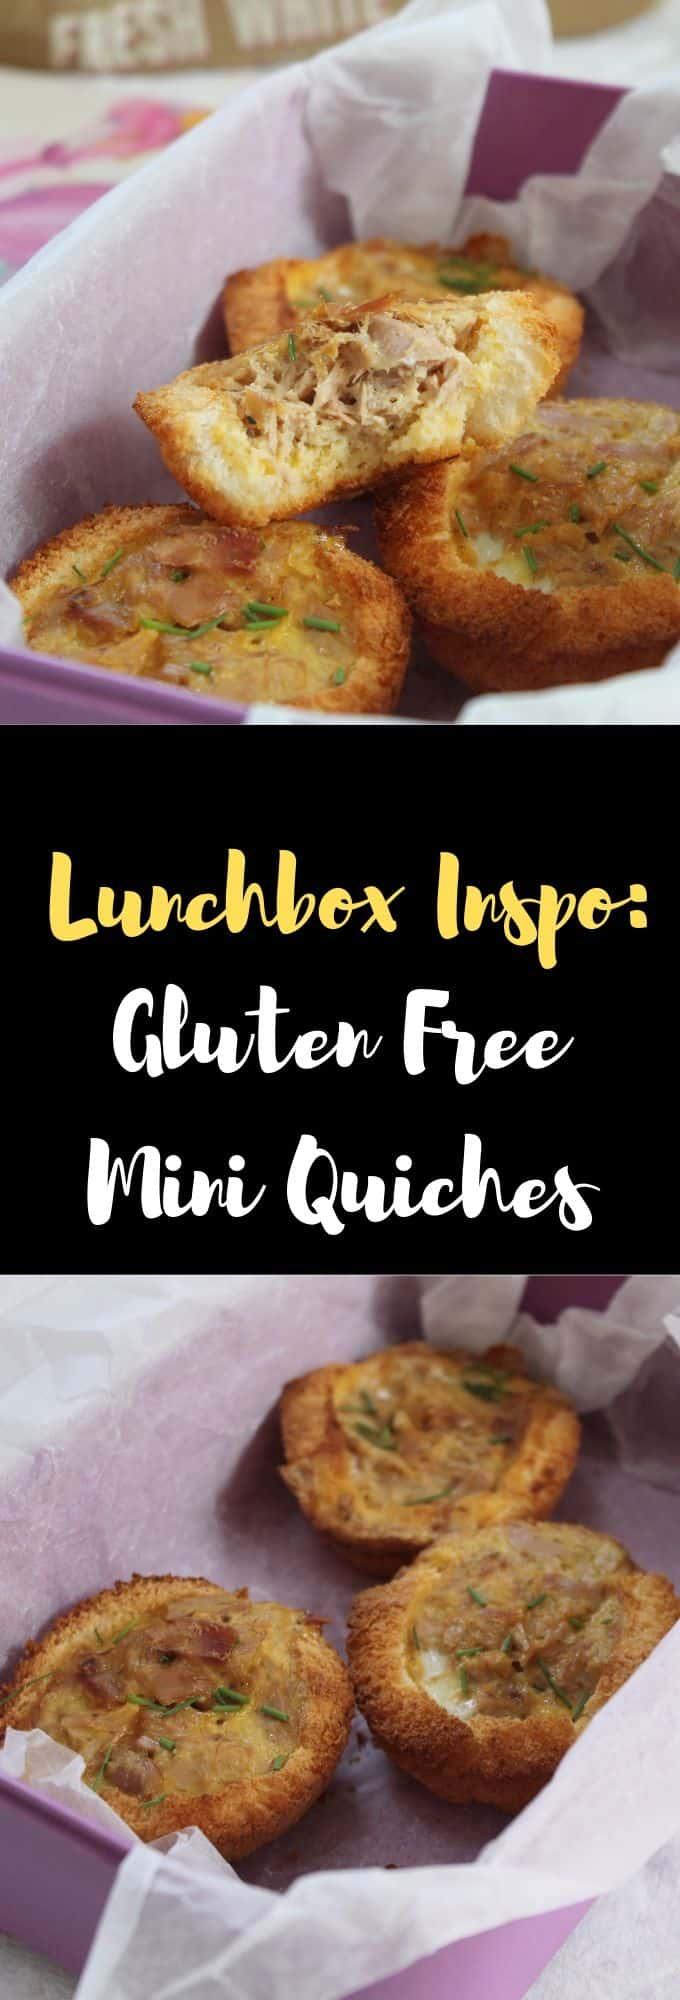 gluten free lunchbox ideas - gluten free children, coeliac children, lunch ideas for kids mini quiches